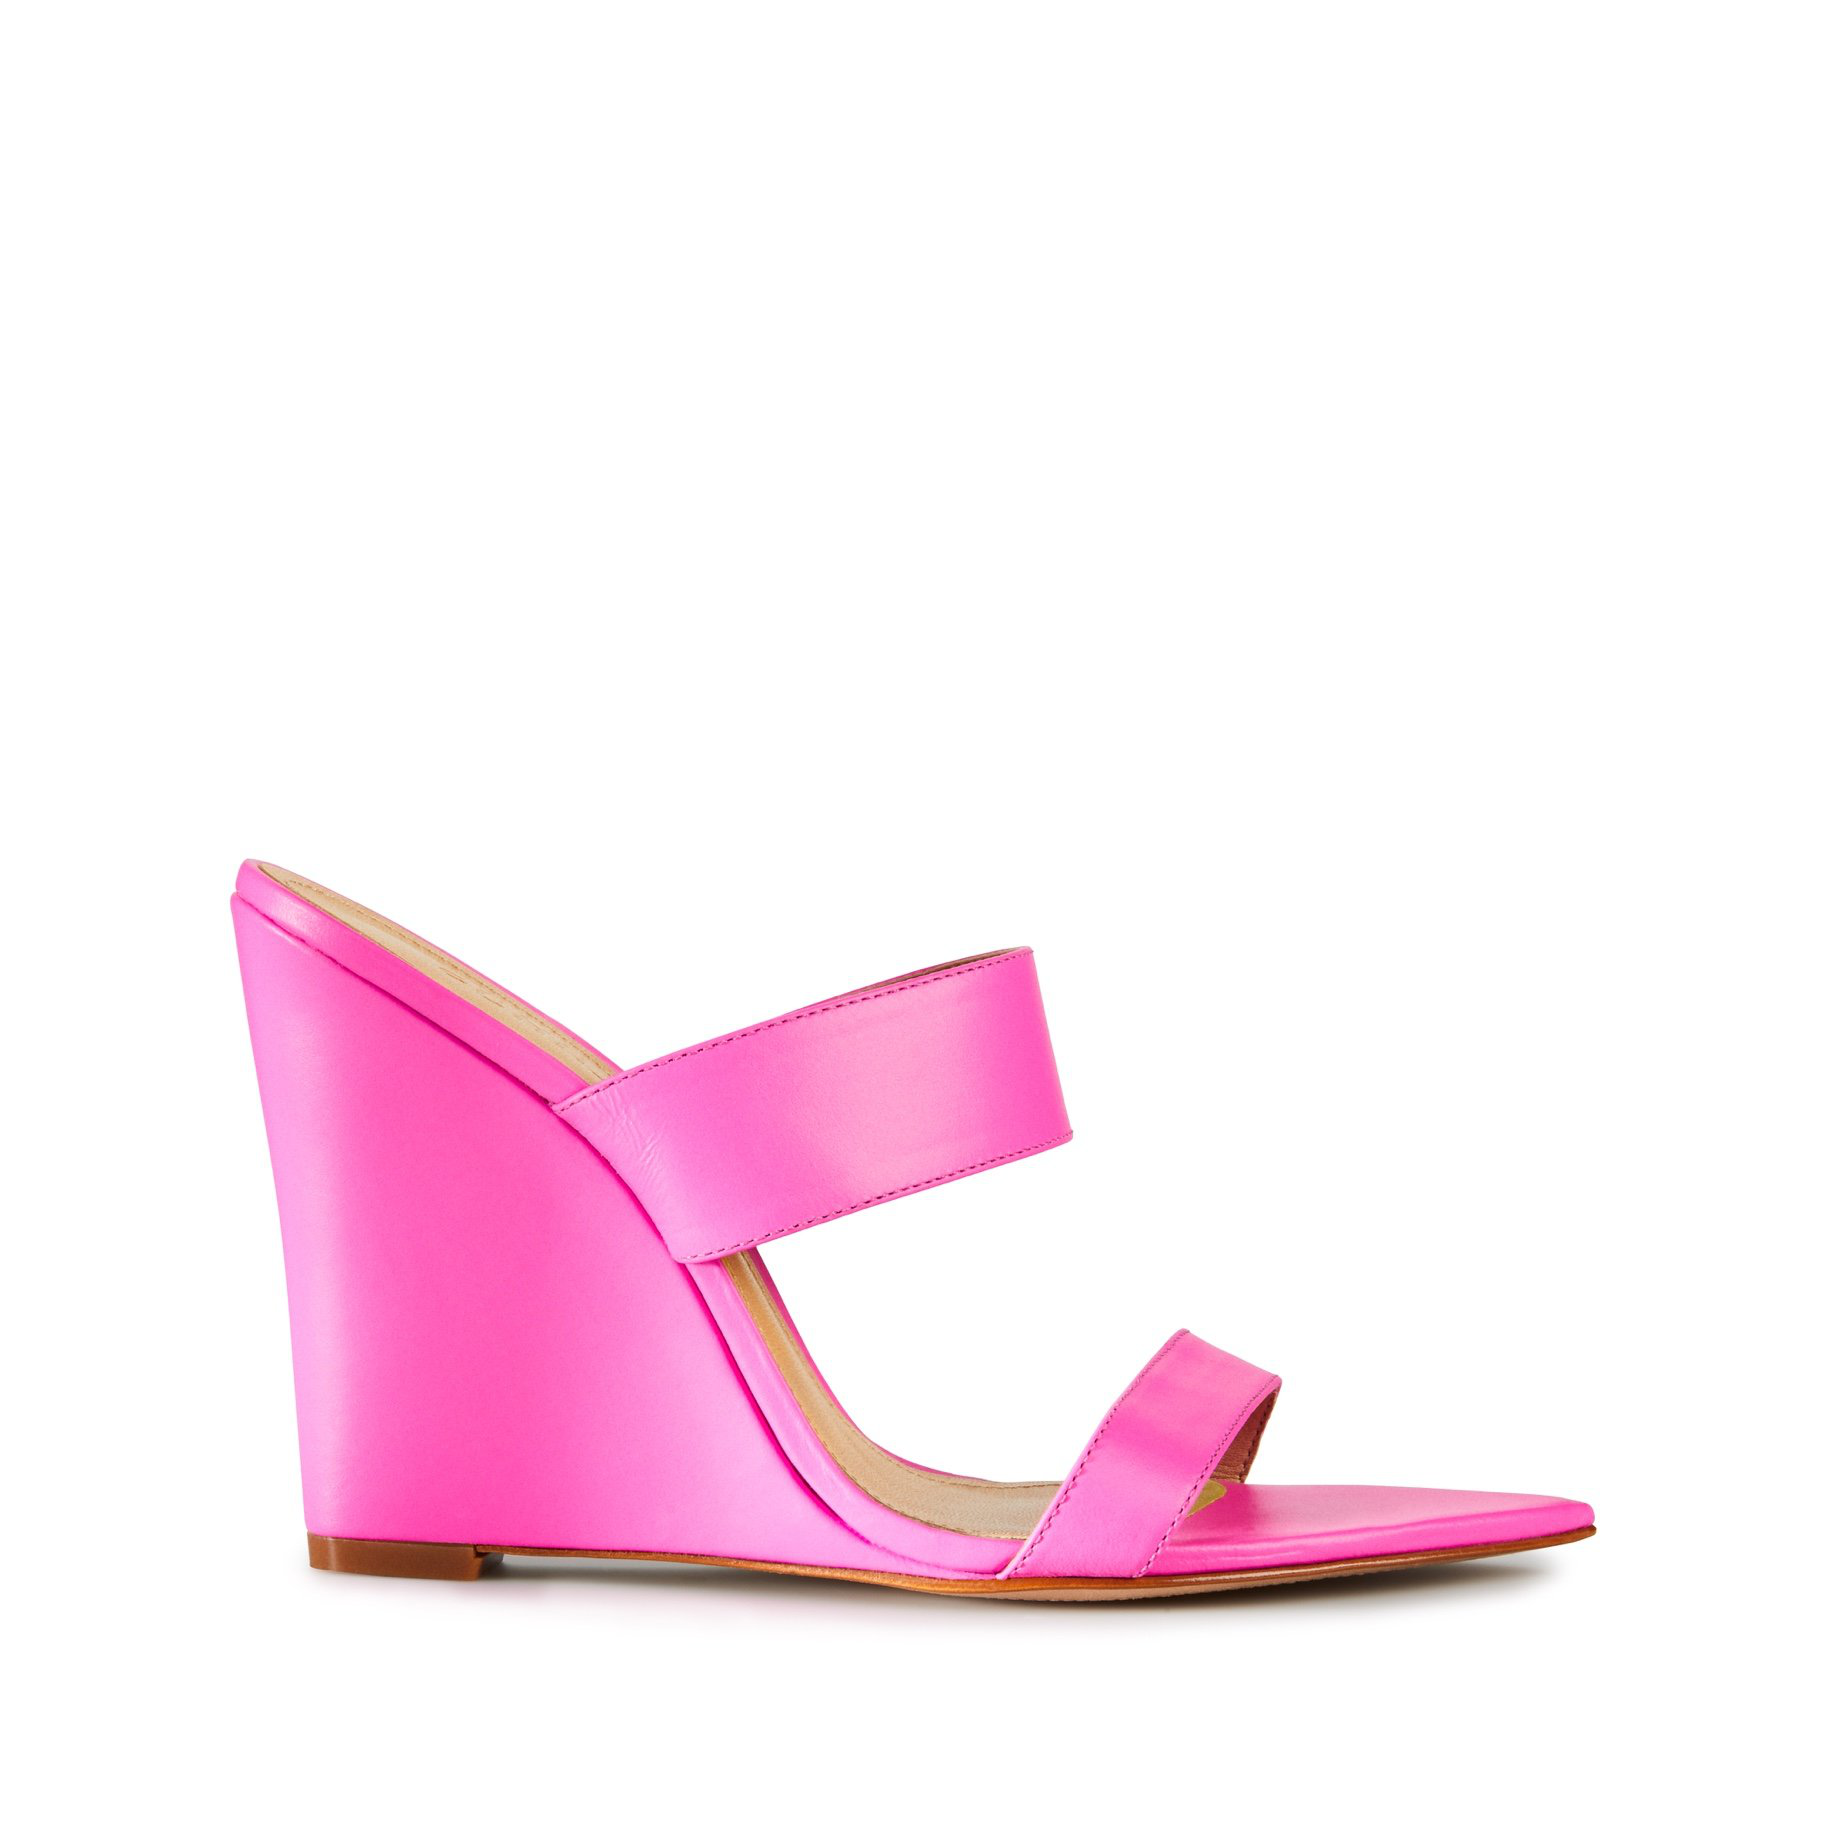 7fcb63c97fc4 Schutz Women s Soraya High-Heel Wedge Sandals In Neon Pink